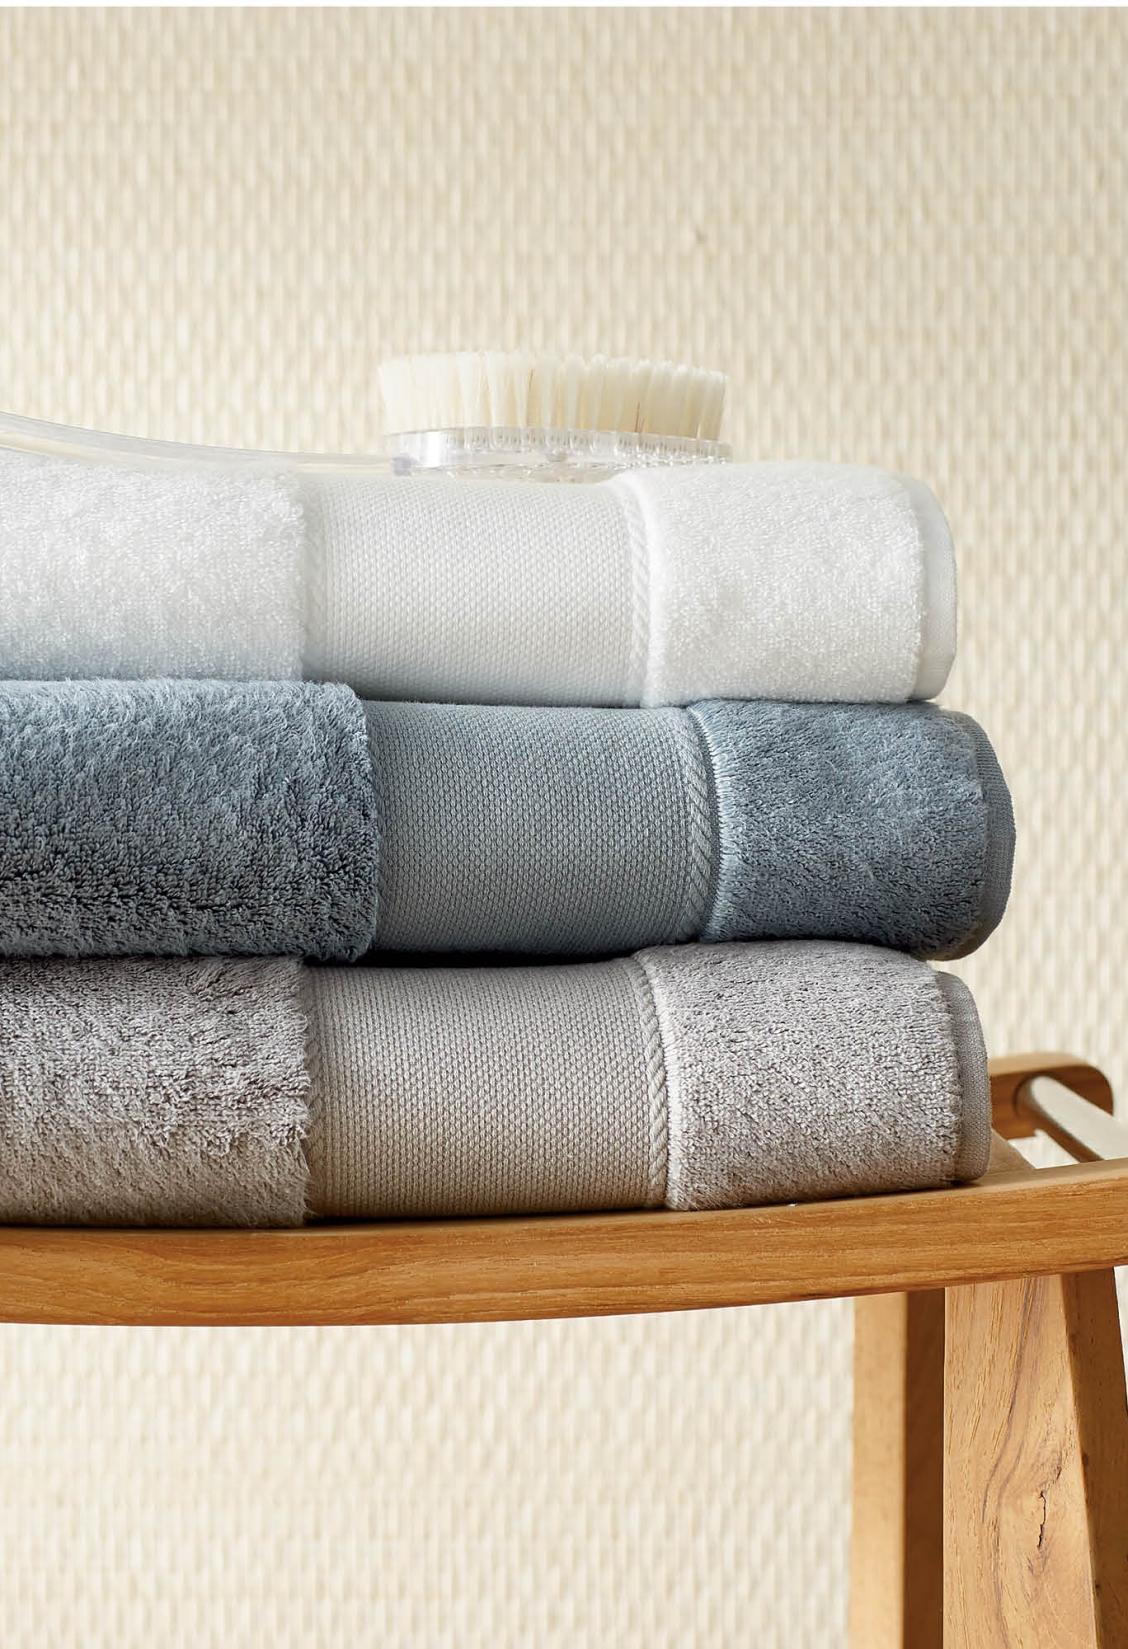 Cotton Modal Bath Towels Towel Collection Towel Bath Sheets